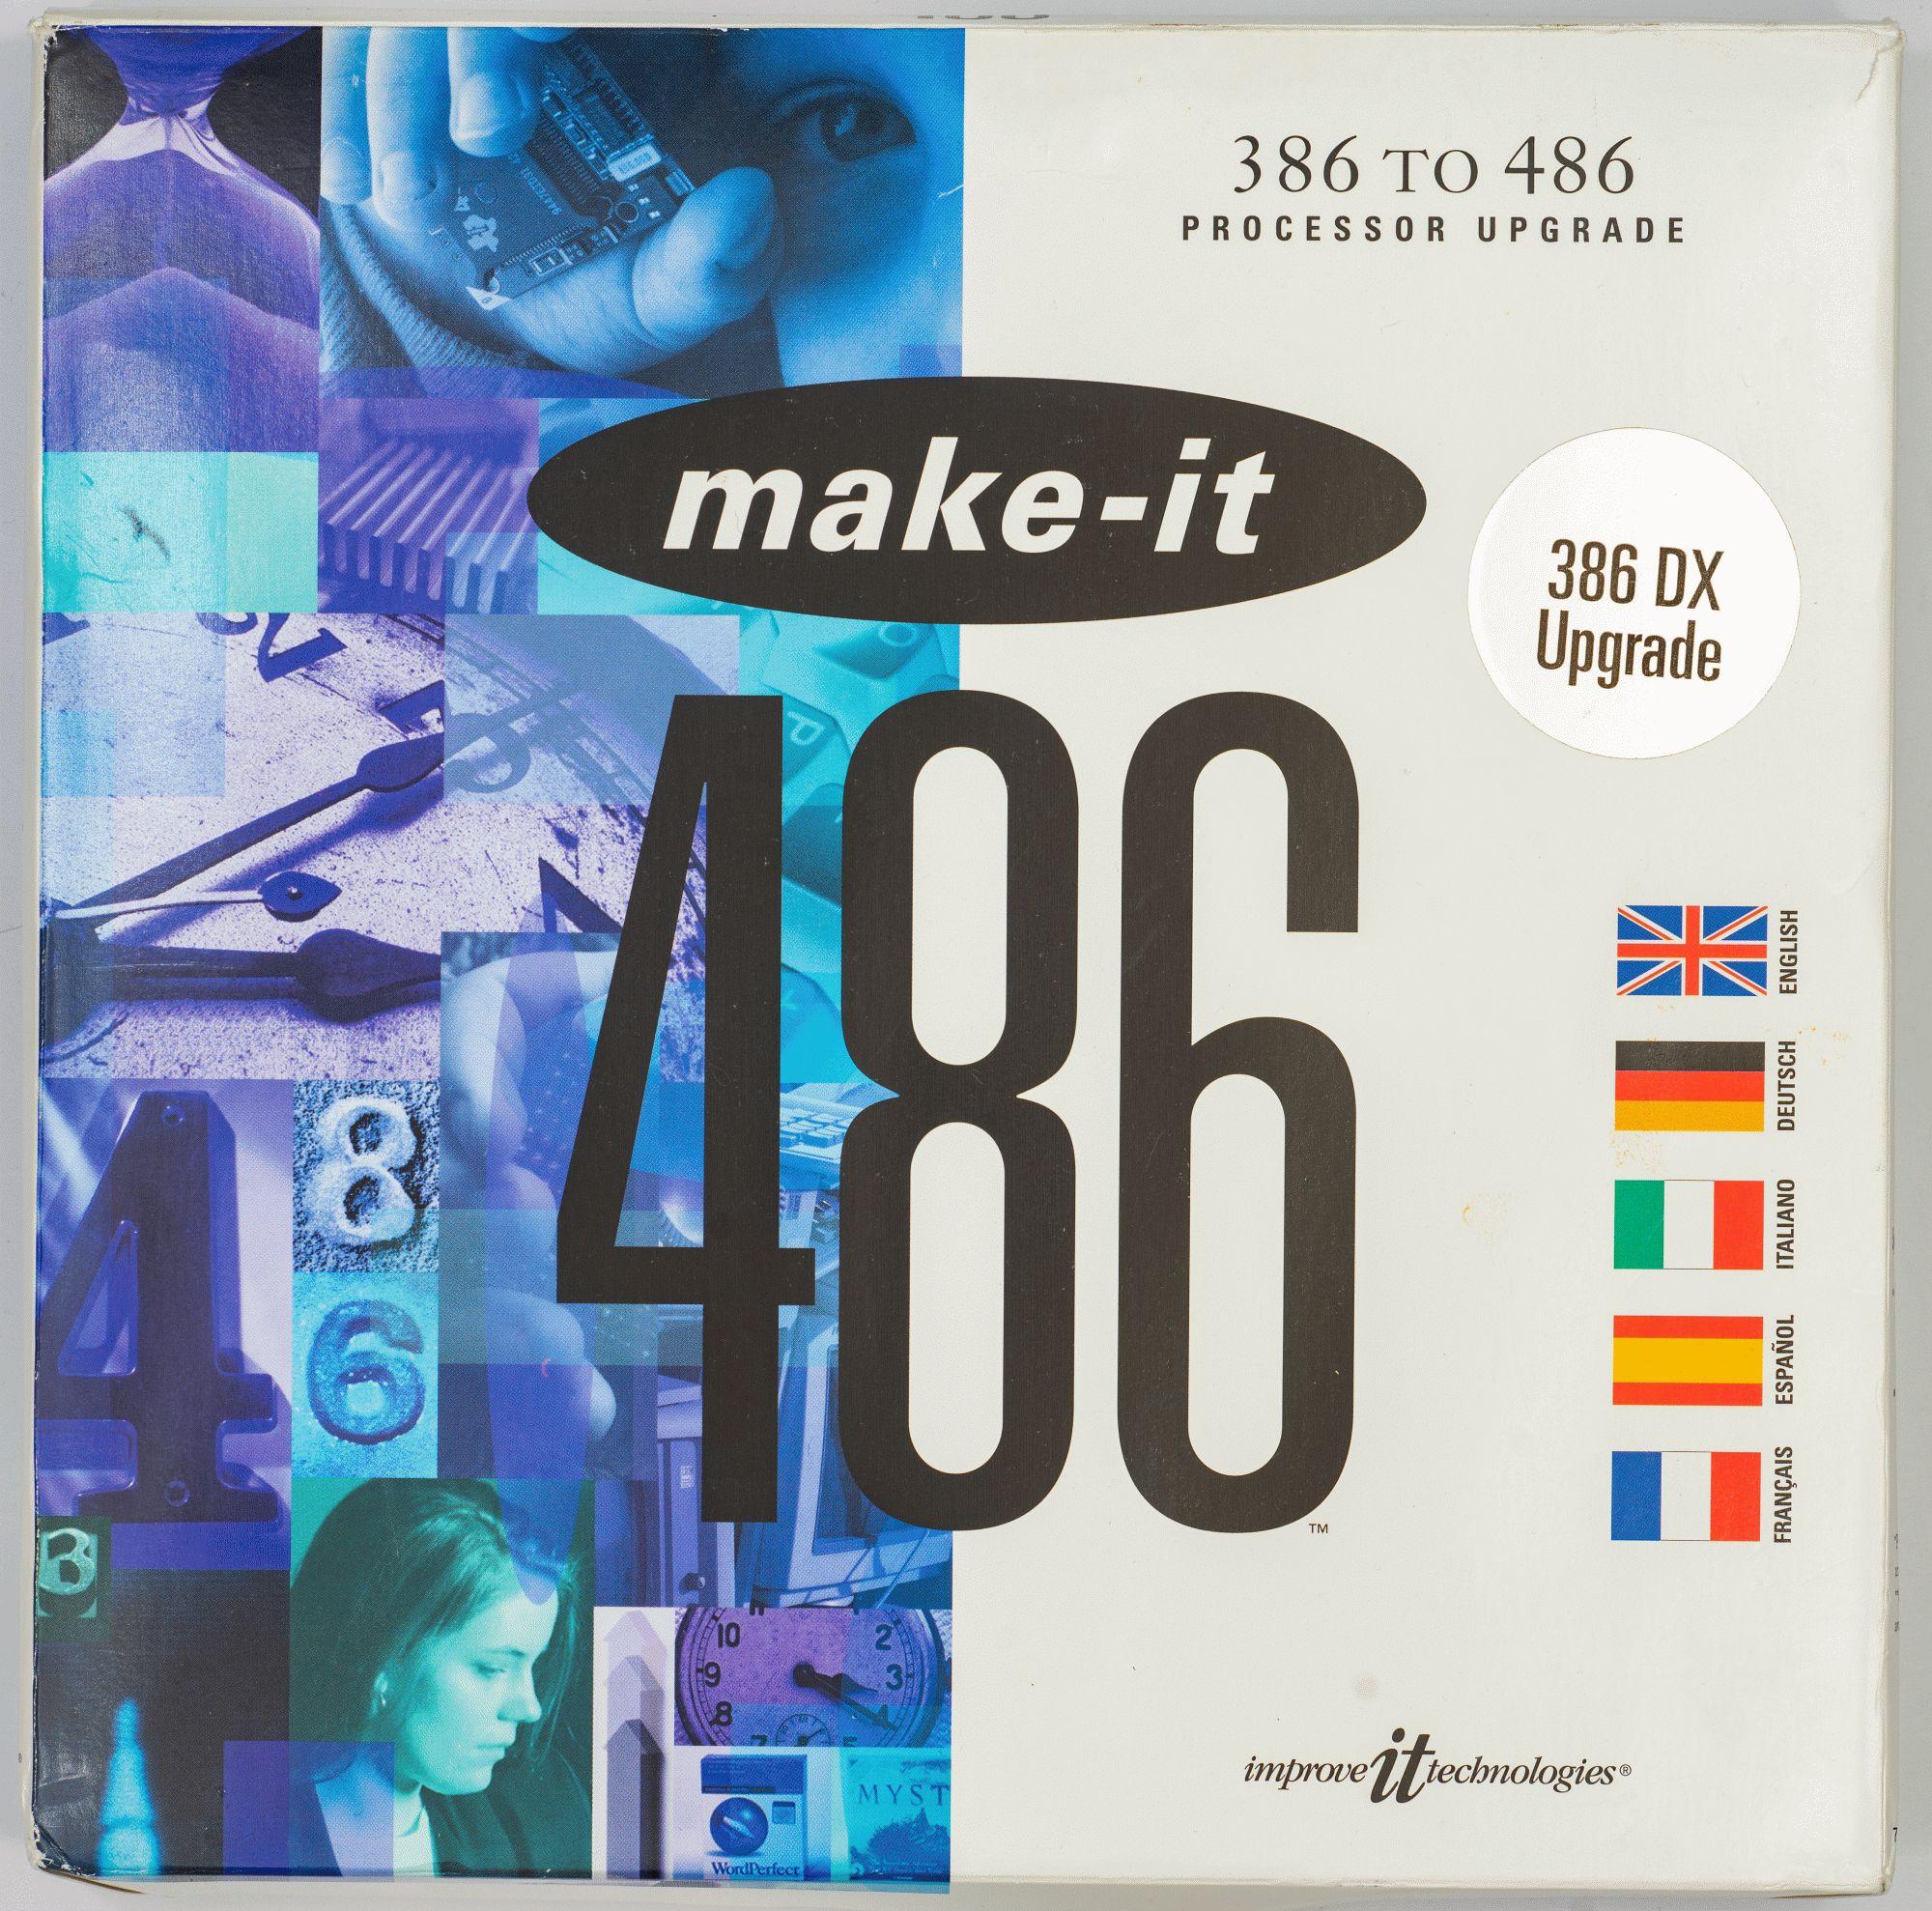 Древности: беспощадный апгрейд 386-го компьютера - 17